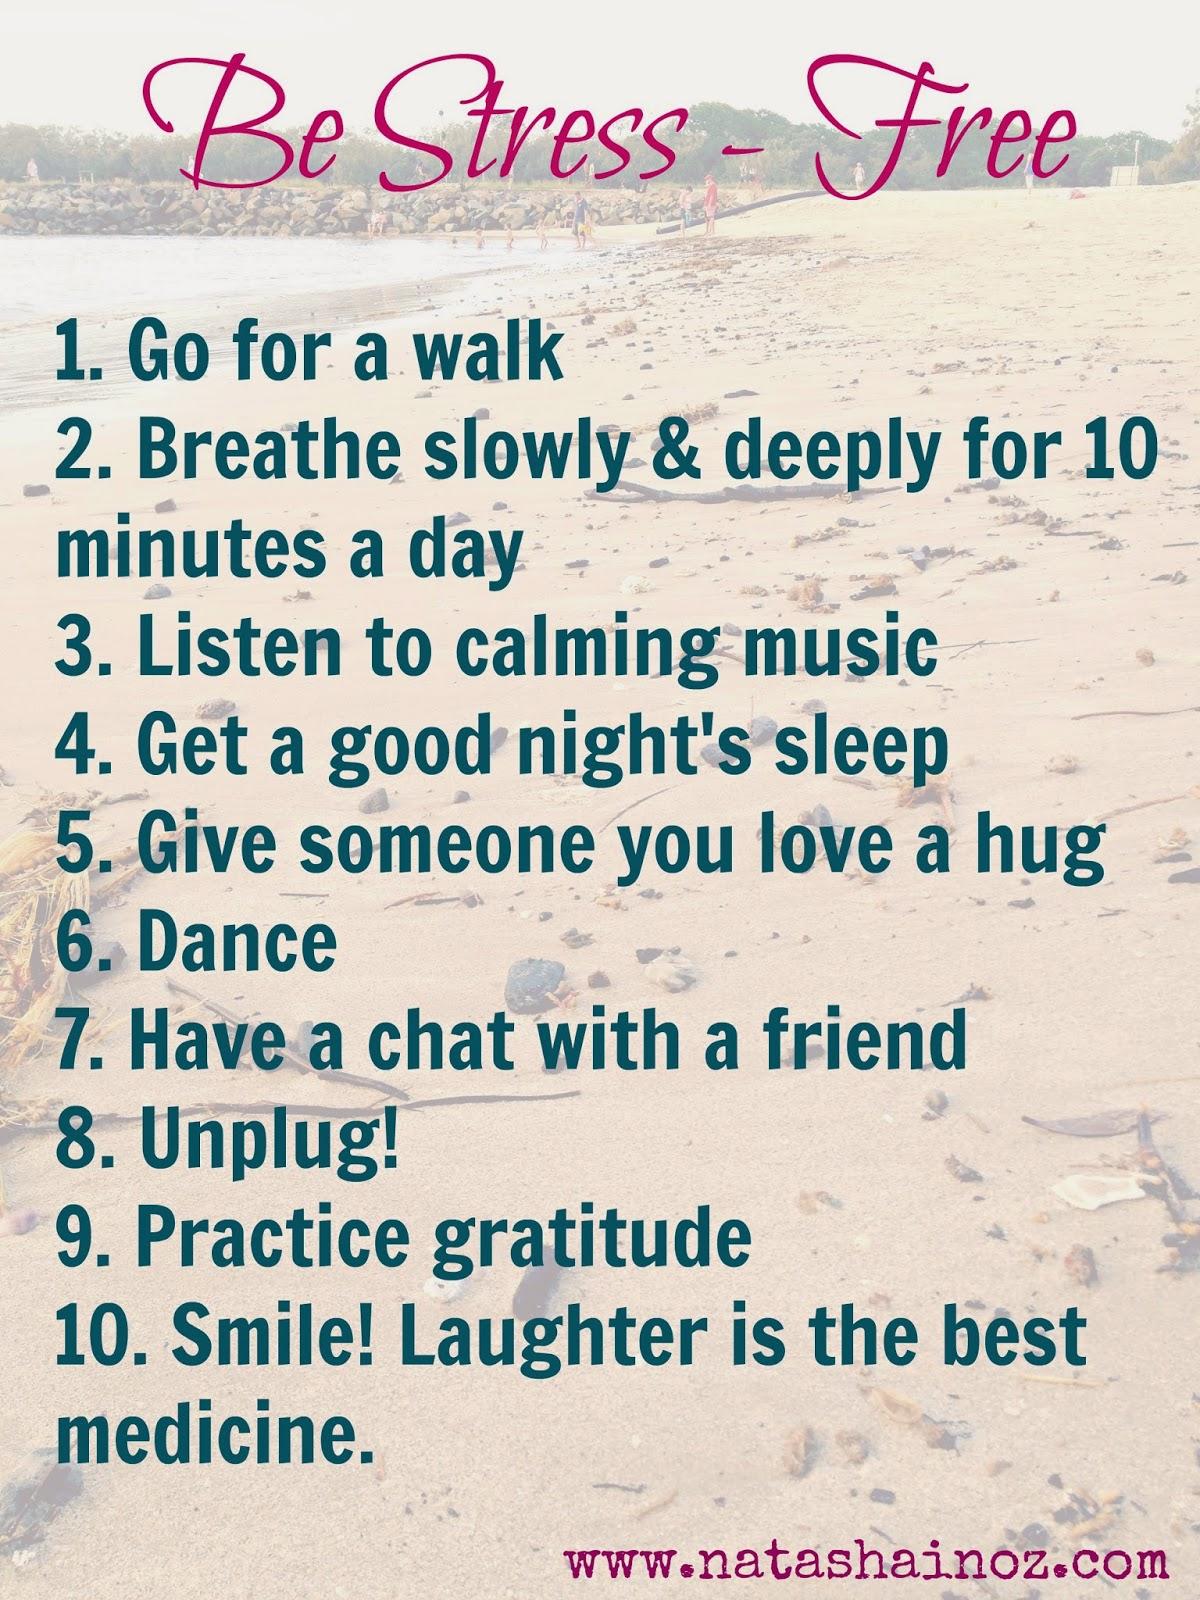 10 Ways to De-Stress, Be Stress-Free,